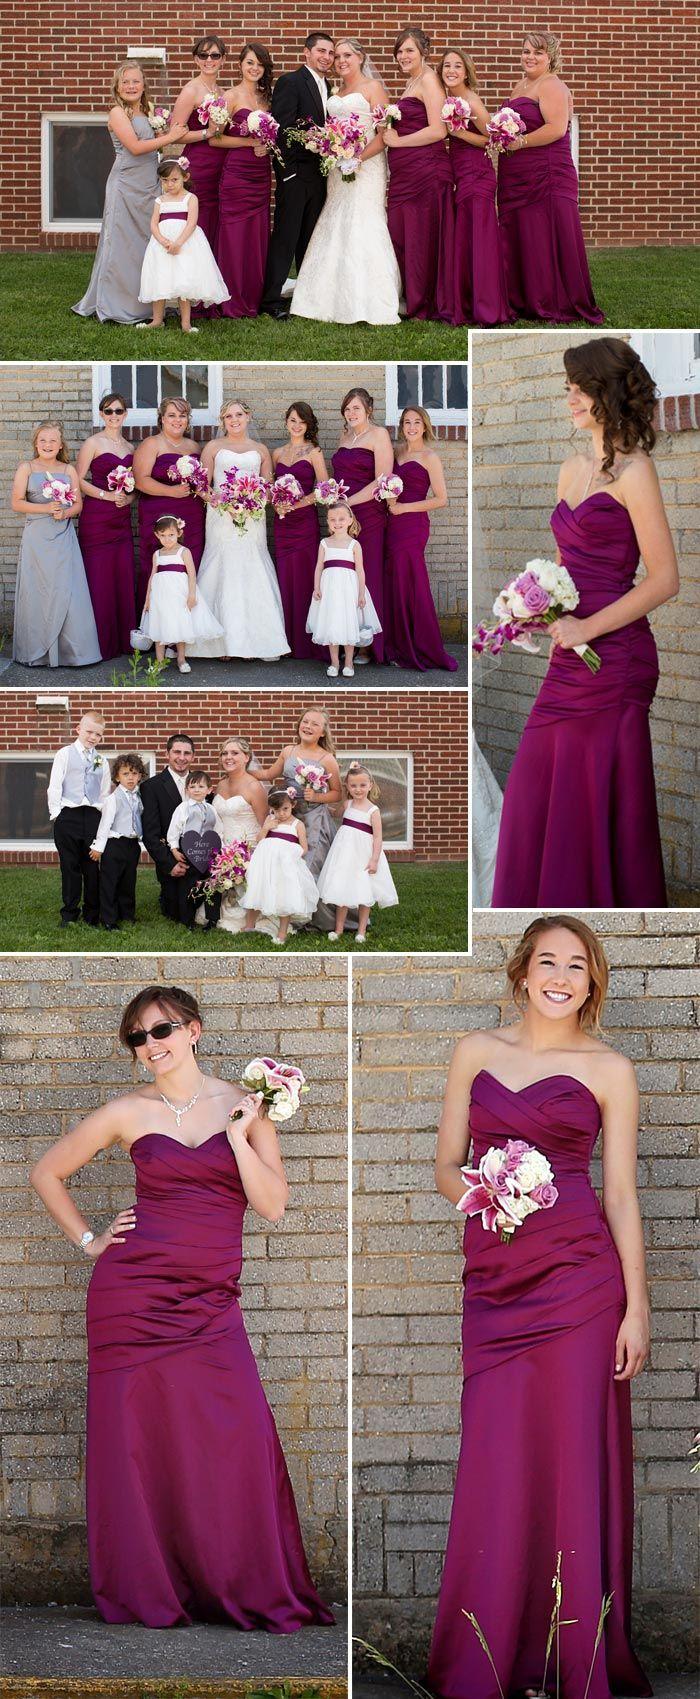 Die schönsten Brautjungfernkleider in Lila ...